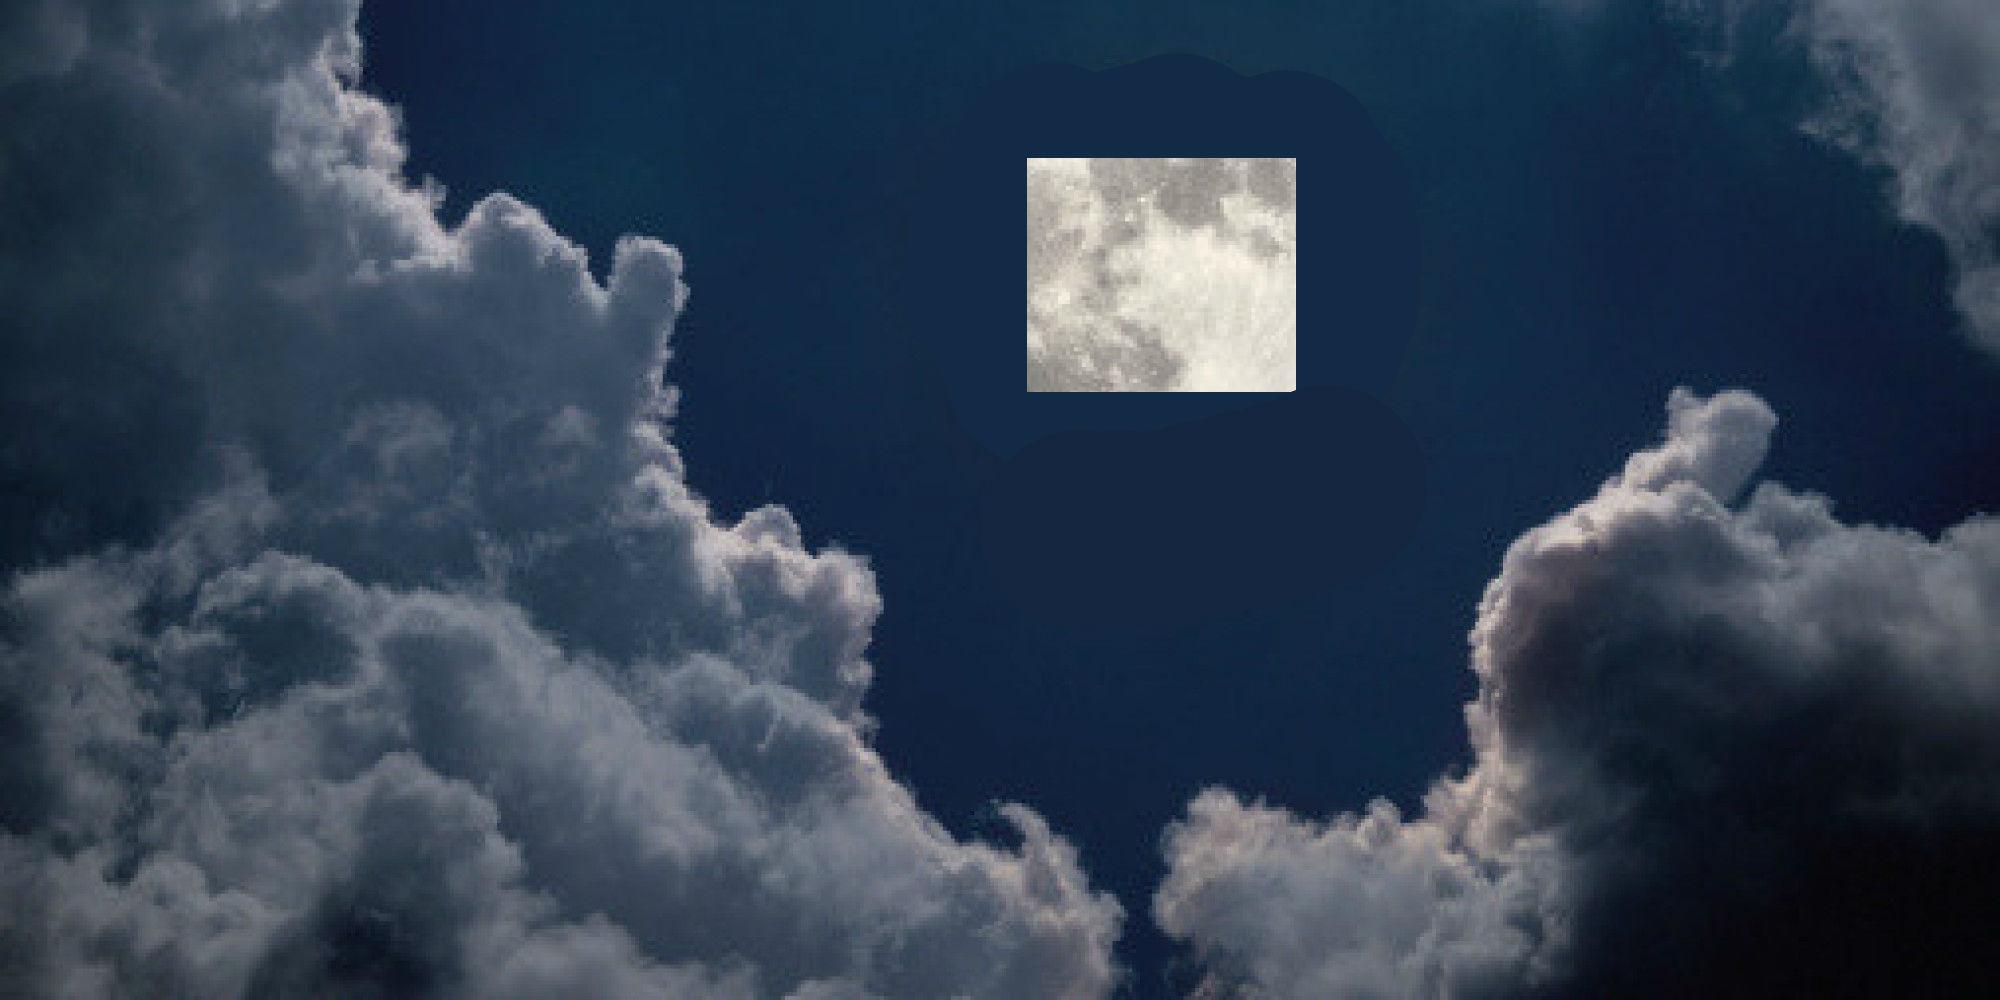 Lua quadrada esta quarta feira a lua vai nascer quadrada for En q luna estamos hoy